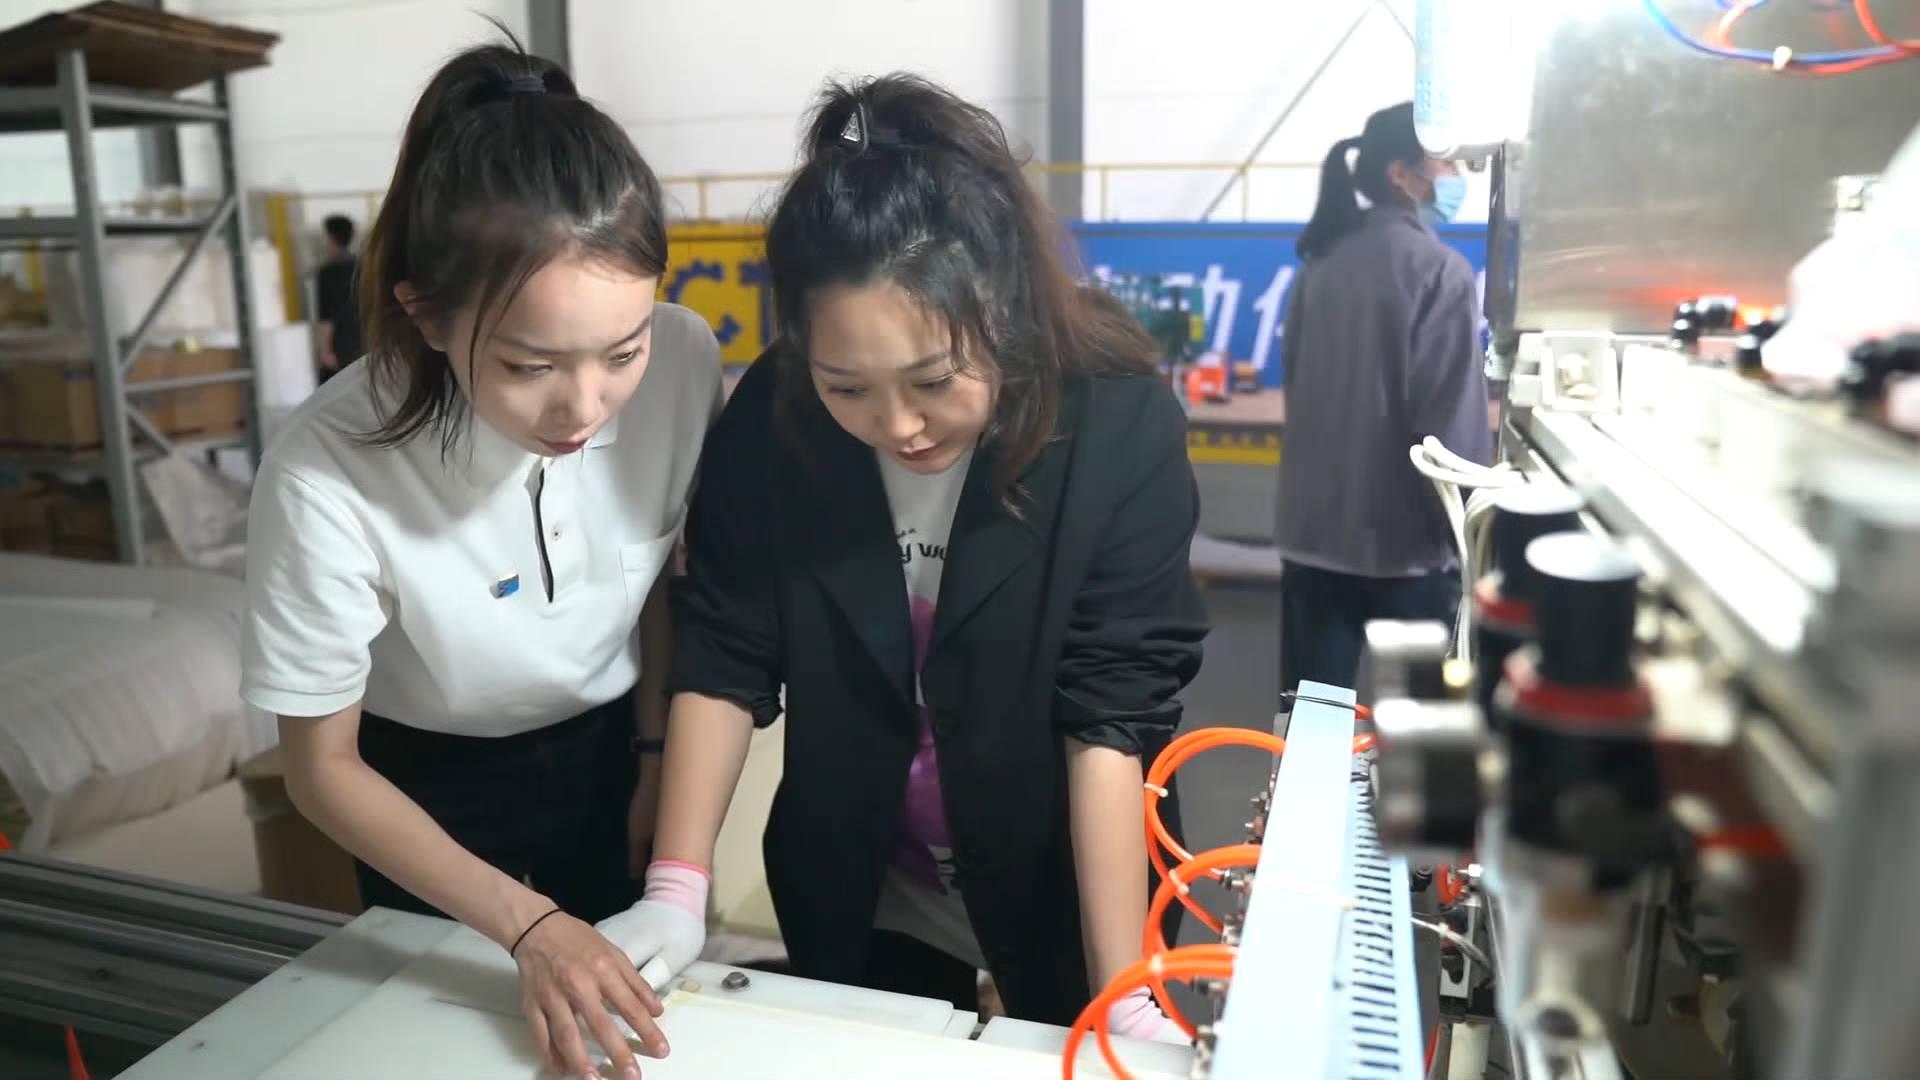 我回山東再創業丨離開杭州回家鄉接續創業 80后姑娘田新新:威海環境吸引了我